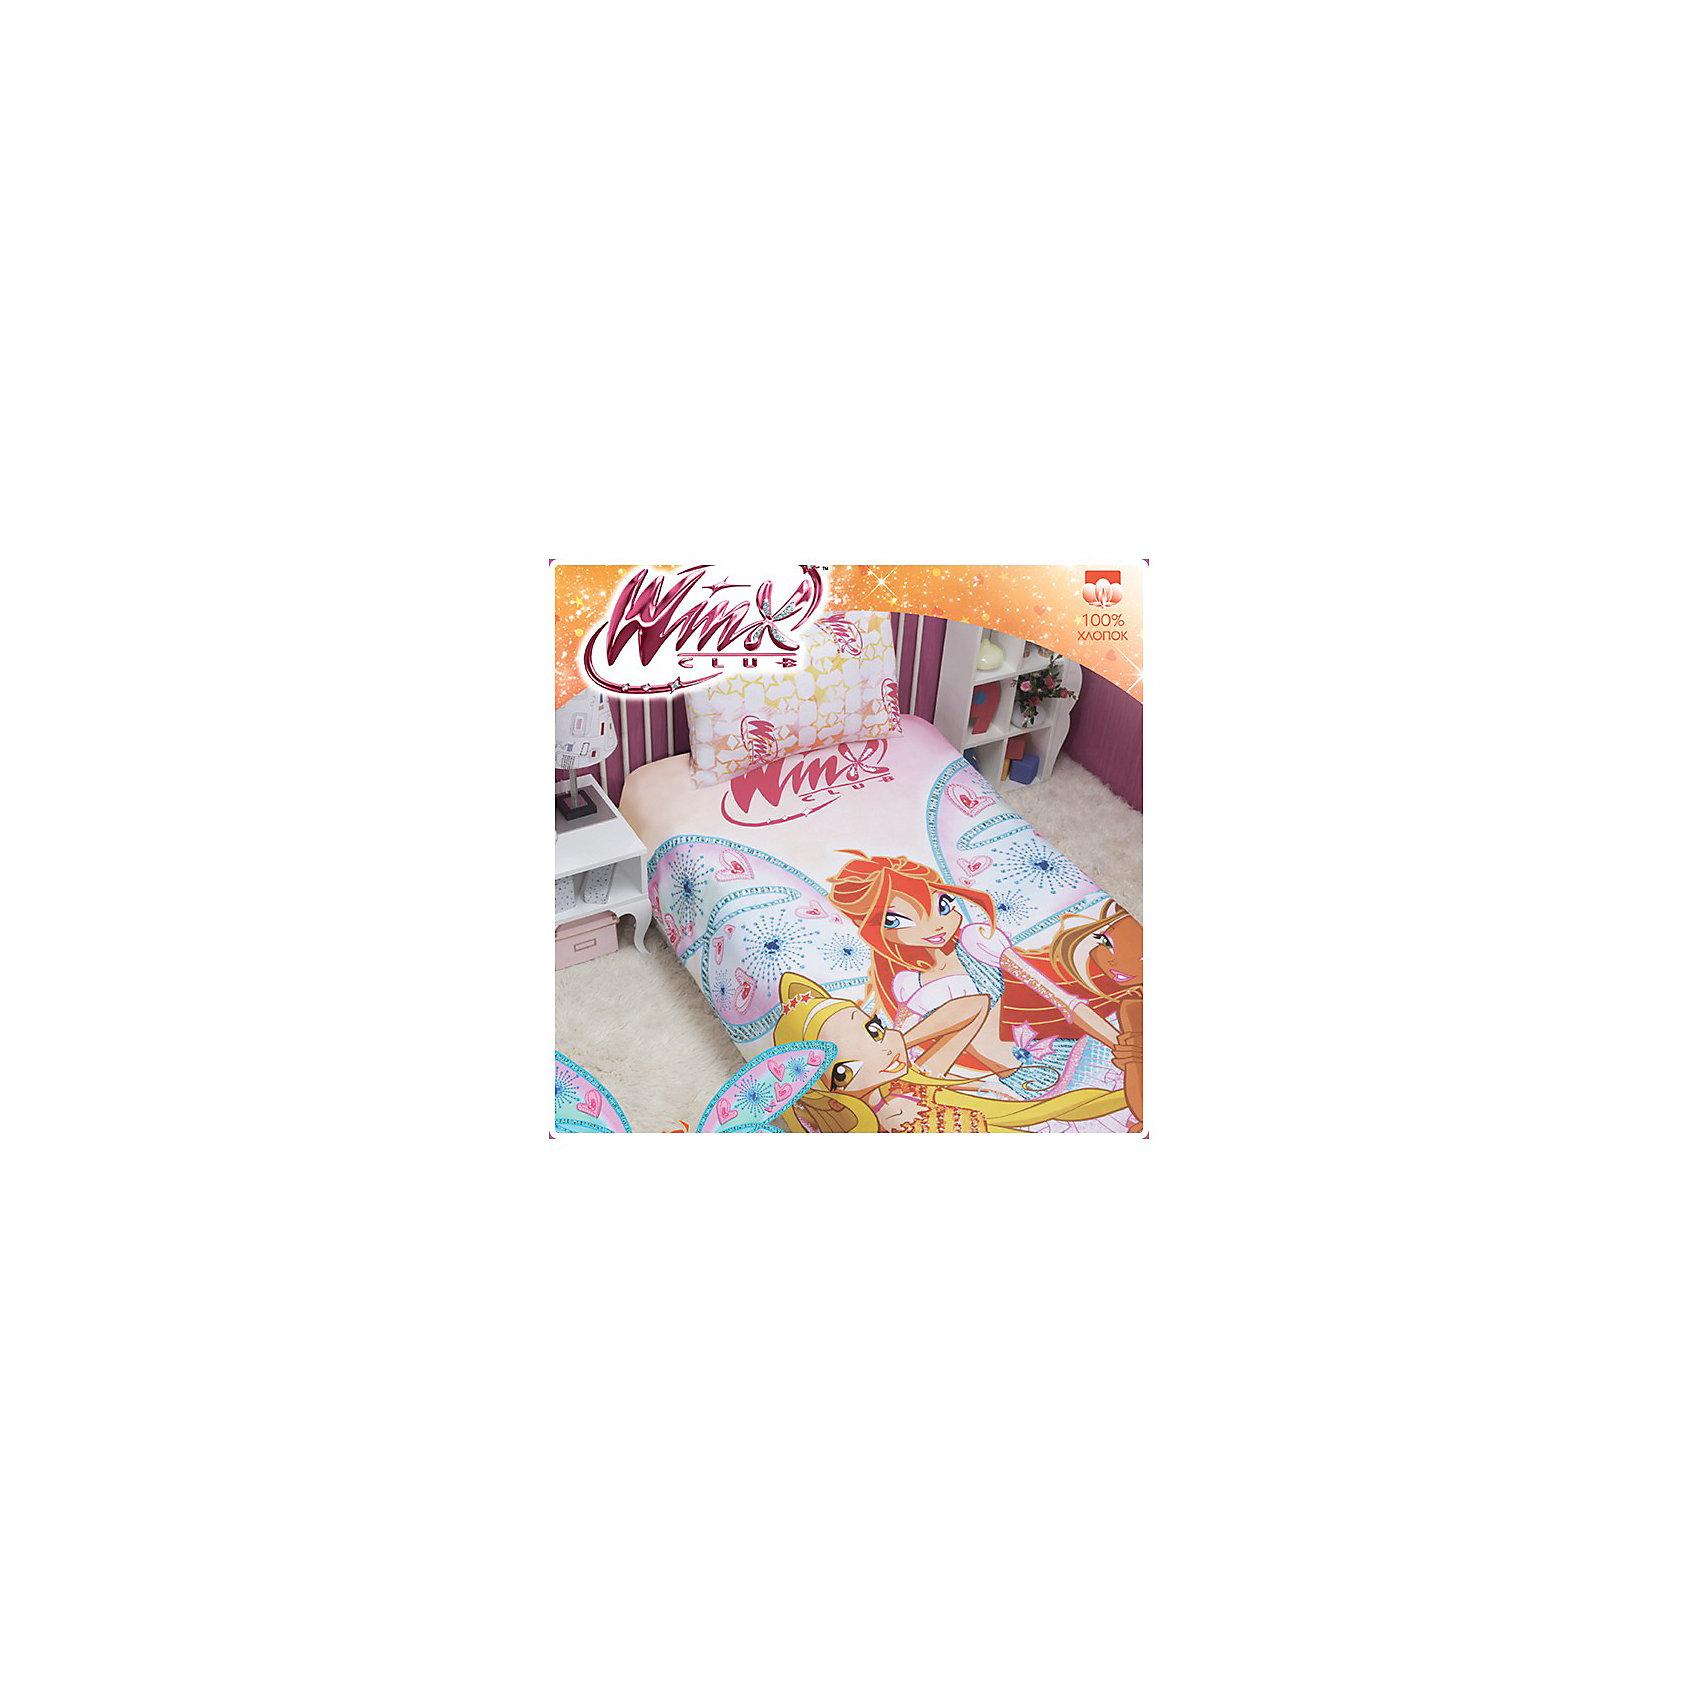 Мона Лиза Постельное белье детское Фея, 1,5-спальный, Winx Club winx club школа волшебниц лучшие серии специальный выпуск 4 2 dvd